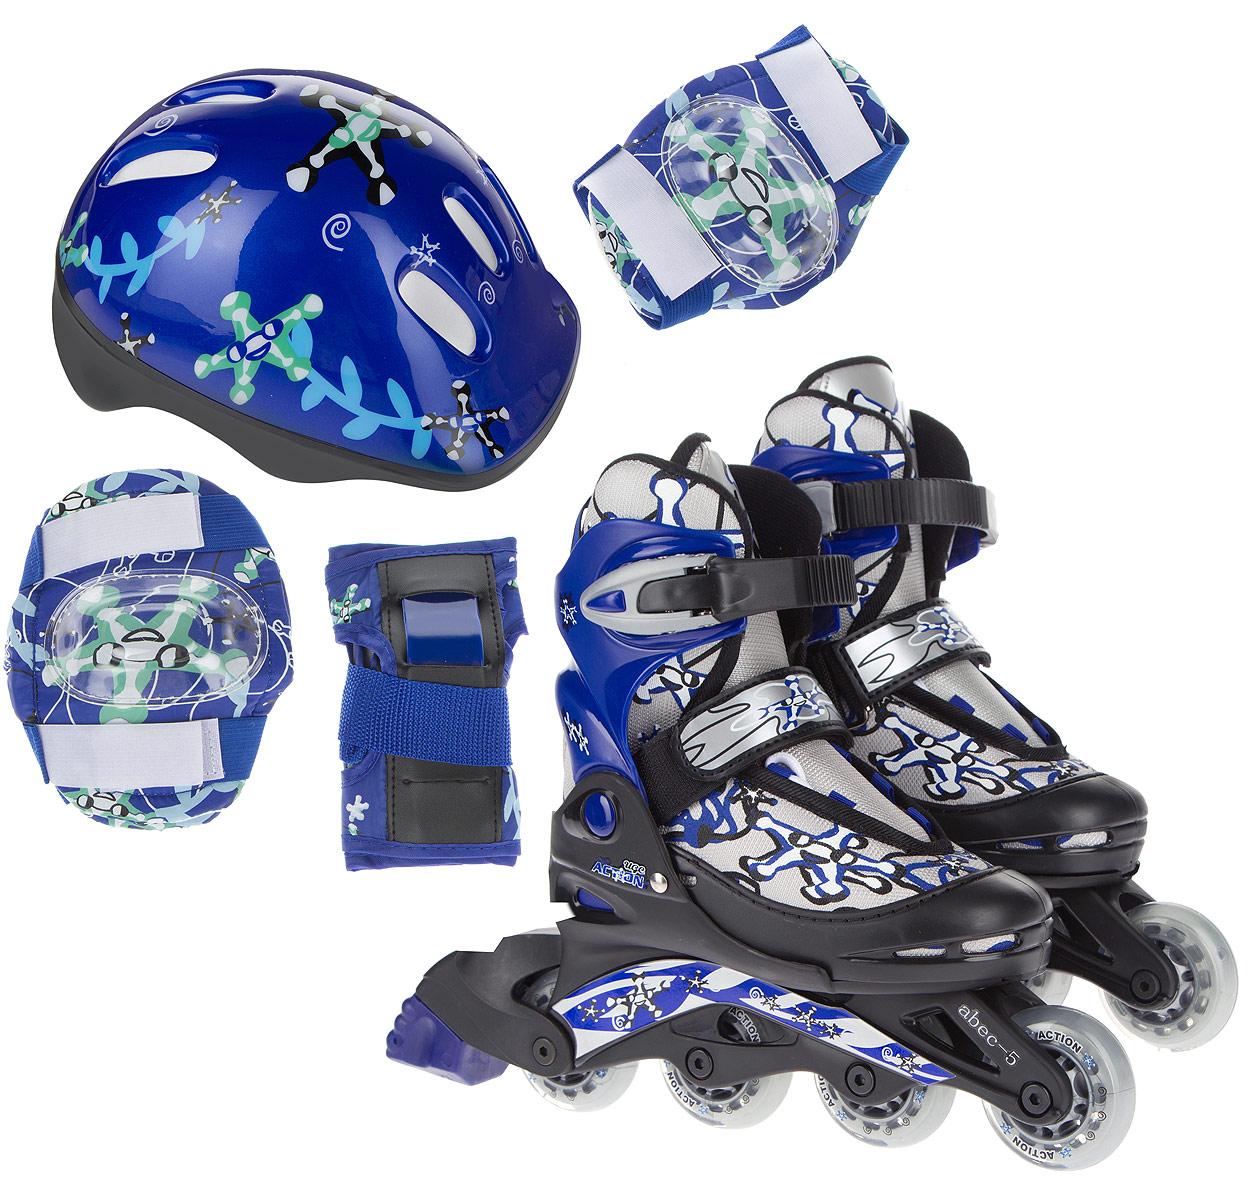 Набор Action: коньки роликовые, защита, шлем, цвет: синий, белый, черный. Размер 26/29. PW-780PW-780Набор для катания на роликах Action состоит из роликовых коньков, защиты (колени, локти, запястья) и шлема. Ботинок конька изготовлен из текстильного материла со вставкам из искусственной кожи, обеспечивающих максимальную вентиляцию ноги. Облегченная конструкция ботинка из пластика обеспечивает улучшенную боковую поддержку и полный контроль над движением. Изделие по верху декорировано оригинальным принтом. Подкладка из мягкого текстиля комфортна при езде. Стелька изготовлена из ЭВА материала с текстильной верхней поверхностью. Классическая шнуровка с ремнем на липучке обеспечивает плотное закрепление пятки. На голенище модель фиксируется клипсой с фиксатором. Прочная рама из полипропилена отлично передает усилие ноги и позволяет быстро разгоняться. Полиуретановые колеса обеспечат плавное и бесшумное движение. Износостойкие подшипники класса ABEC-5 наименее восприимчивы к попаданию влаги и песка. Задник оснащен широкой текстильной петлей, благодаря которой изделие удобно обувать.Верх шлема, оформленный ярким принтом, выполнен из поливинилхлорида, внутренняя часть - из пенополистирола. Отверстия предназначены для лучшей вентиляции. В комплект входят элементы защиты локтей, коленей и запястий. Основание выполнено из нейлона. Защитные накладки у подлокотников и наколенников исполнены из поливинилхлорида, а защитные накладки для запястий - из искусственной кожи и поливинилхлорида.Набор изначально выполнен в одной стилистике и прекрасно смотрится как целиком, так и по отдельности. Кроме того, вам не придется искать сумку для переноски и хранения - набор уже поставляется в специальном рюкзачке из цветной ткани с демонстрационным окошком, который выполнен из нейлоновой сетки.В комплект входят два угловых шестигранных ключа.